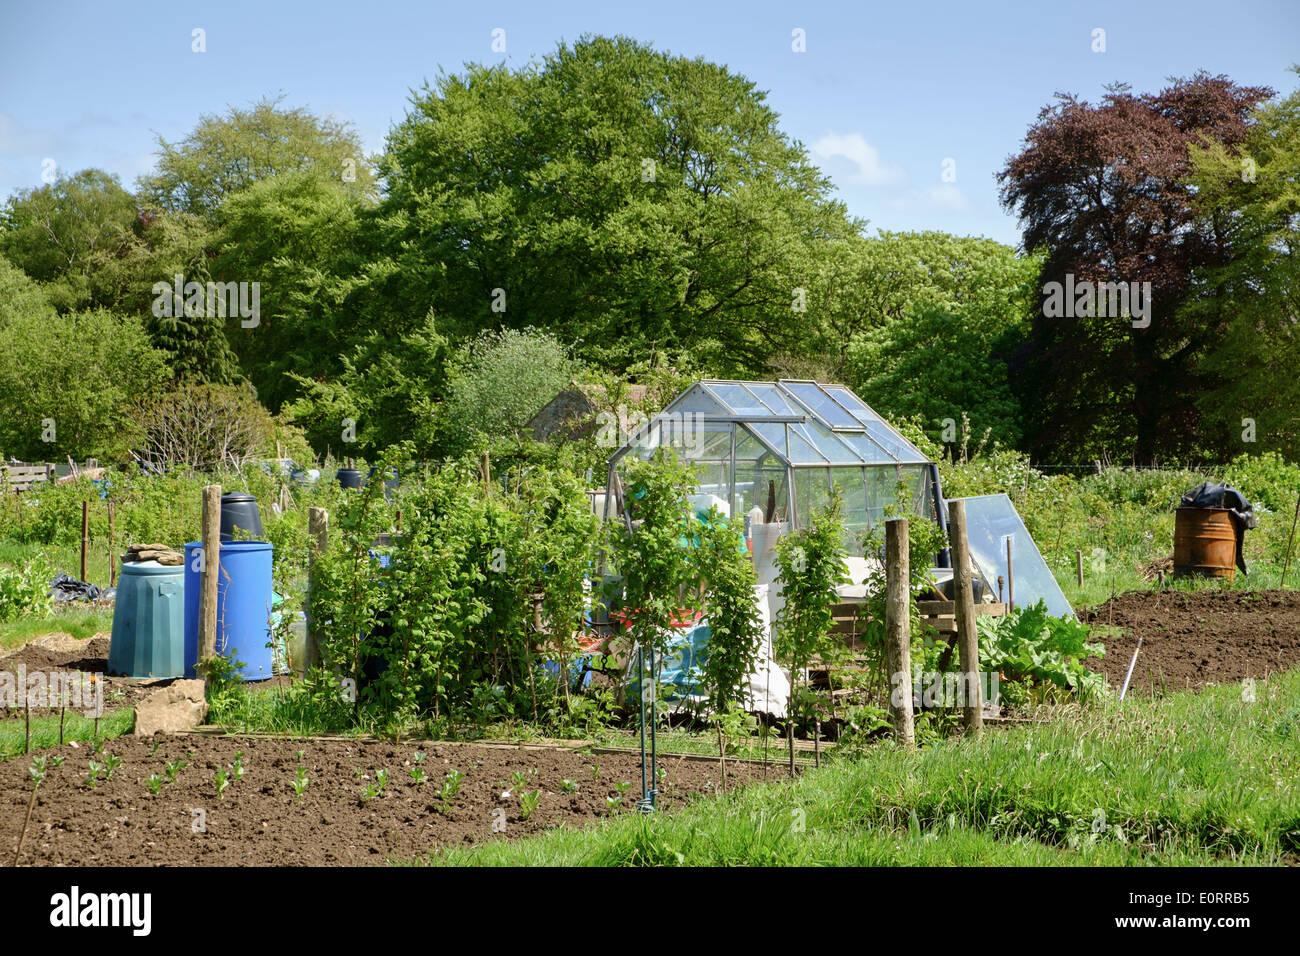 Kleingarten In England Vereinigtes Konigreich Mit Gewachshaus